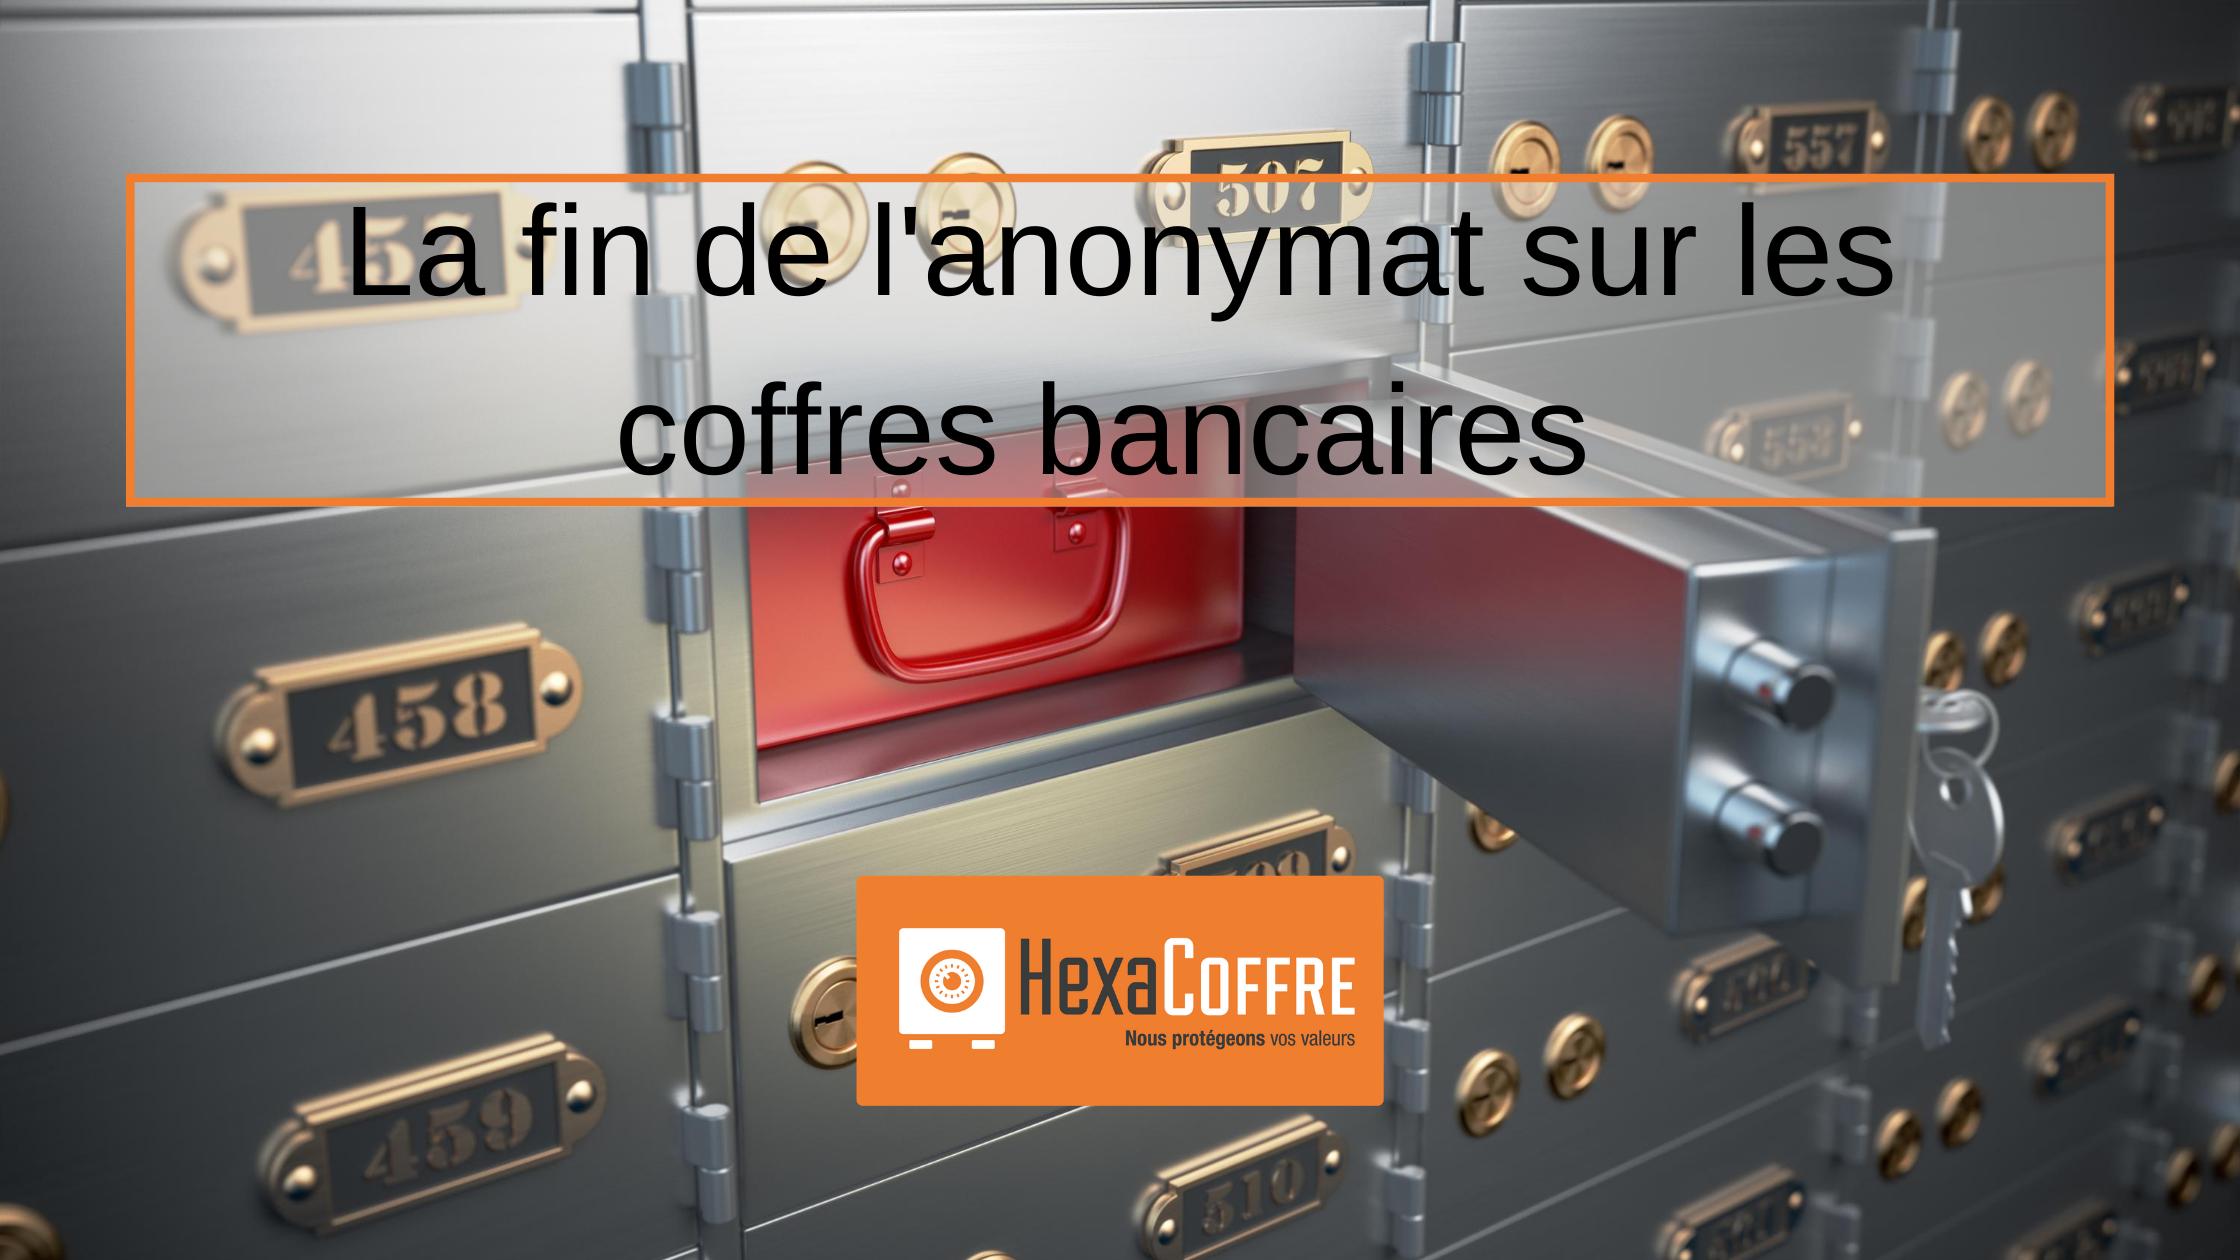 la fin de l'anonymat sur les coffres bancaires